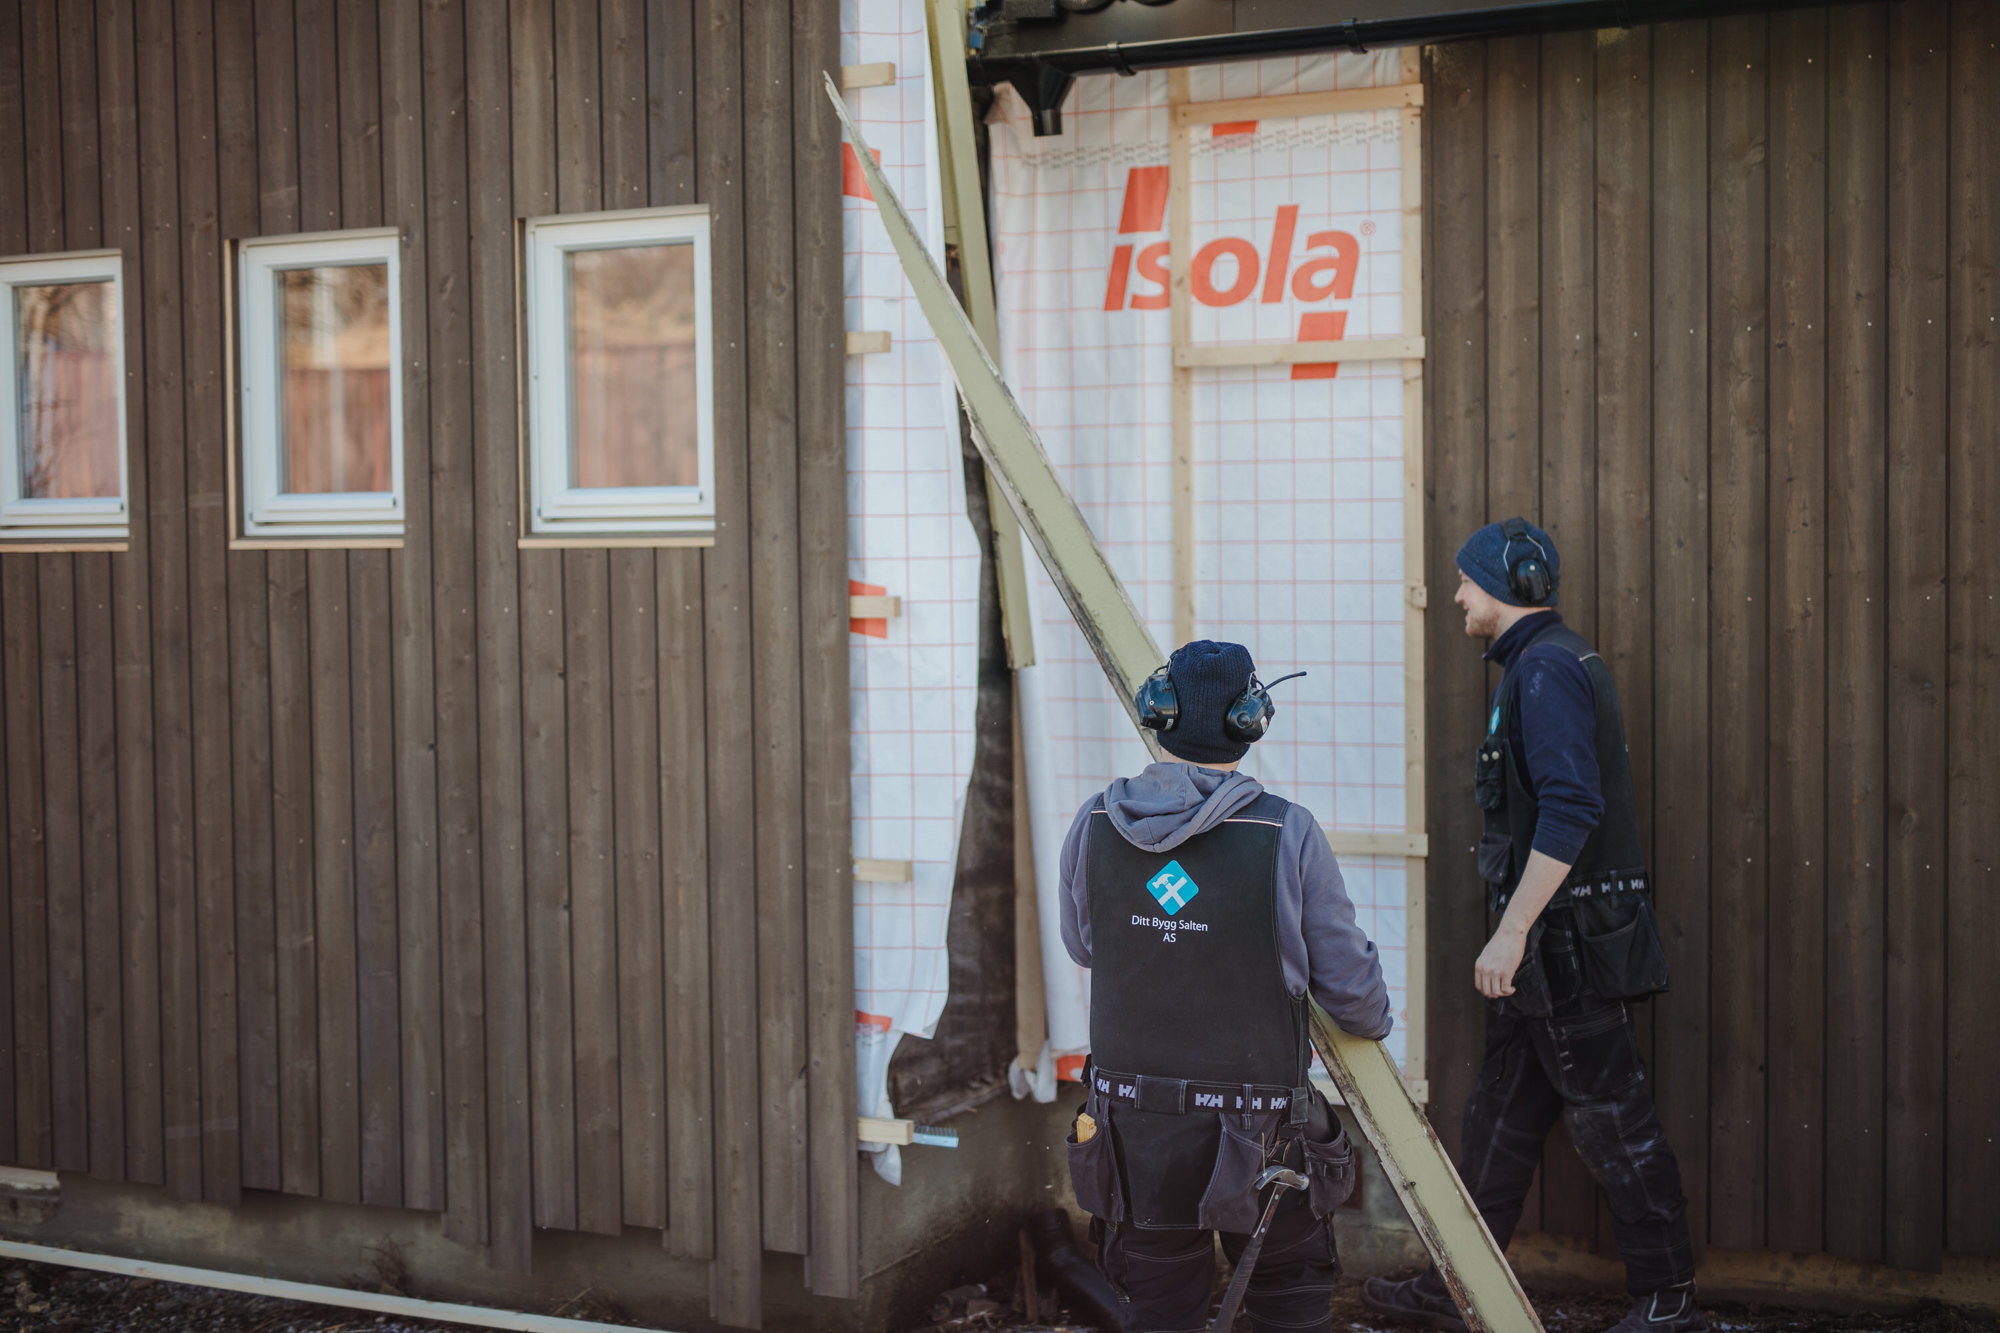 Bolig/fritidsbolig - Oversikt over Hus, hytte og eiendom i Gildeskål